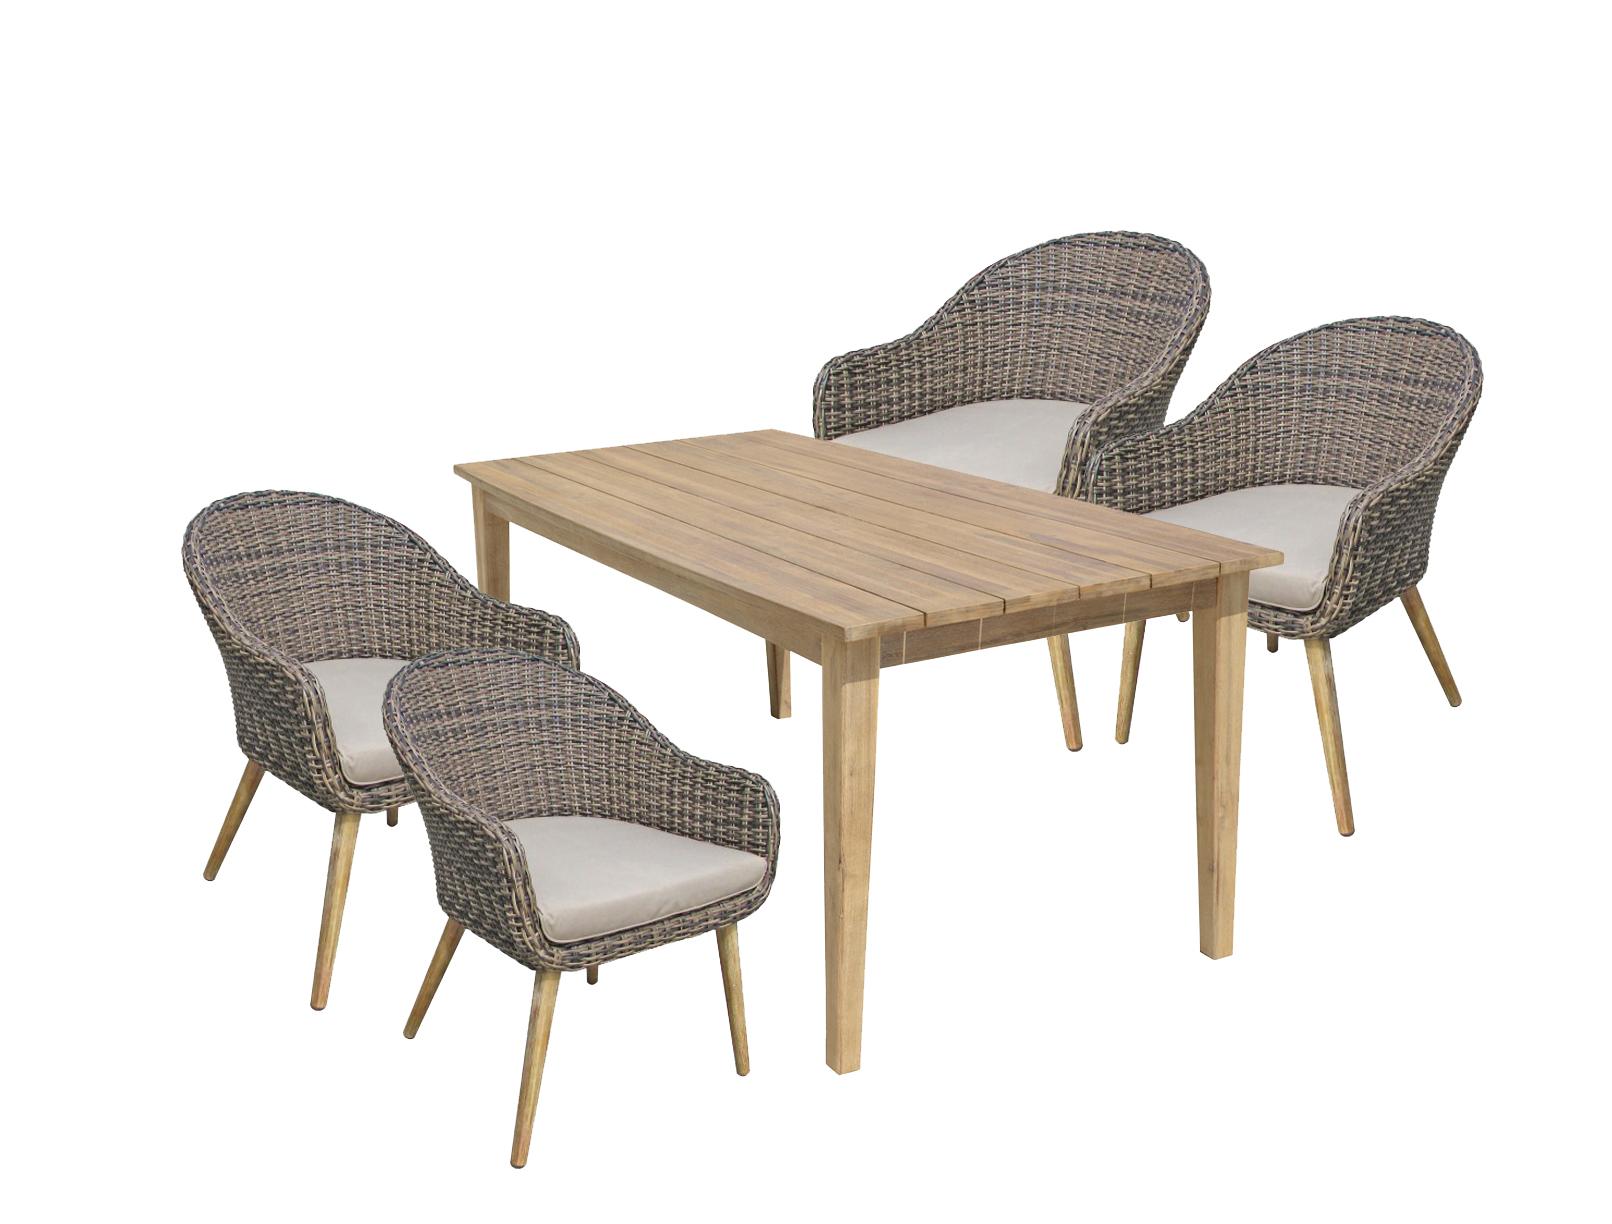 Full Size of Stühle Esstisch 9tlg Garten Tischgruppe Stuhl Sthle Akazie Rattan Optik Sofa Pendelleuchte Skandinavisch Stapelstühle Runde Esstische Bogenlampe 2m Glas 160 Esstische Stühle Esstisch